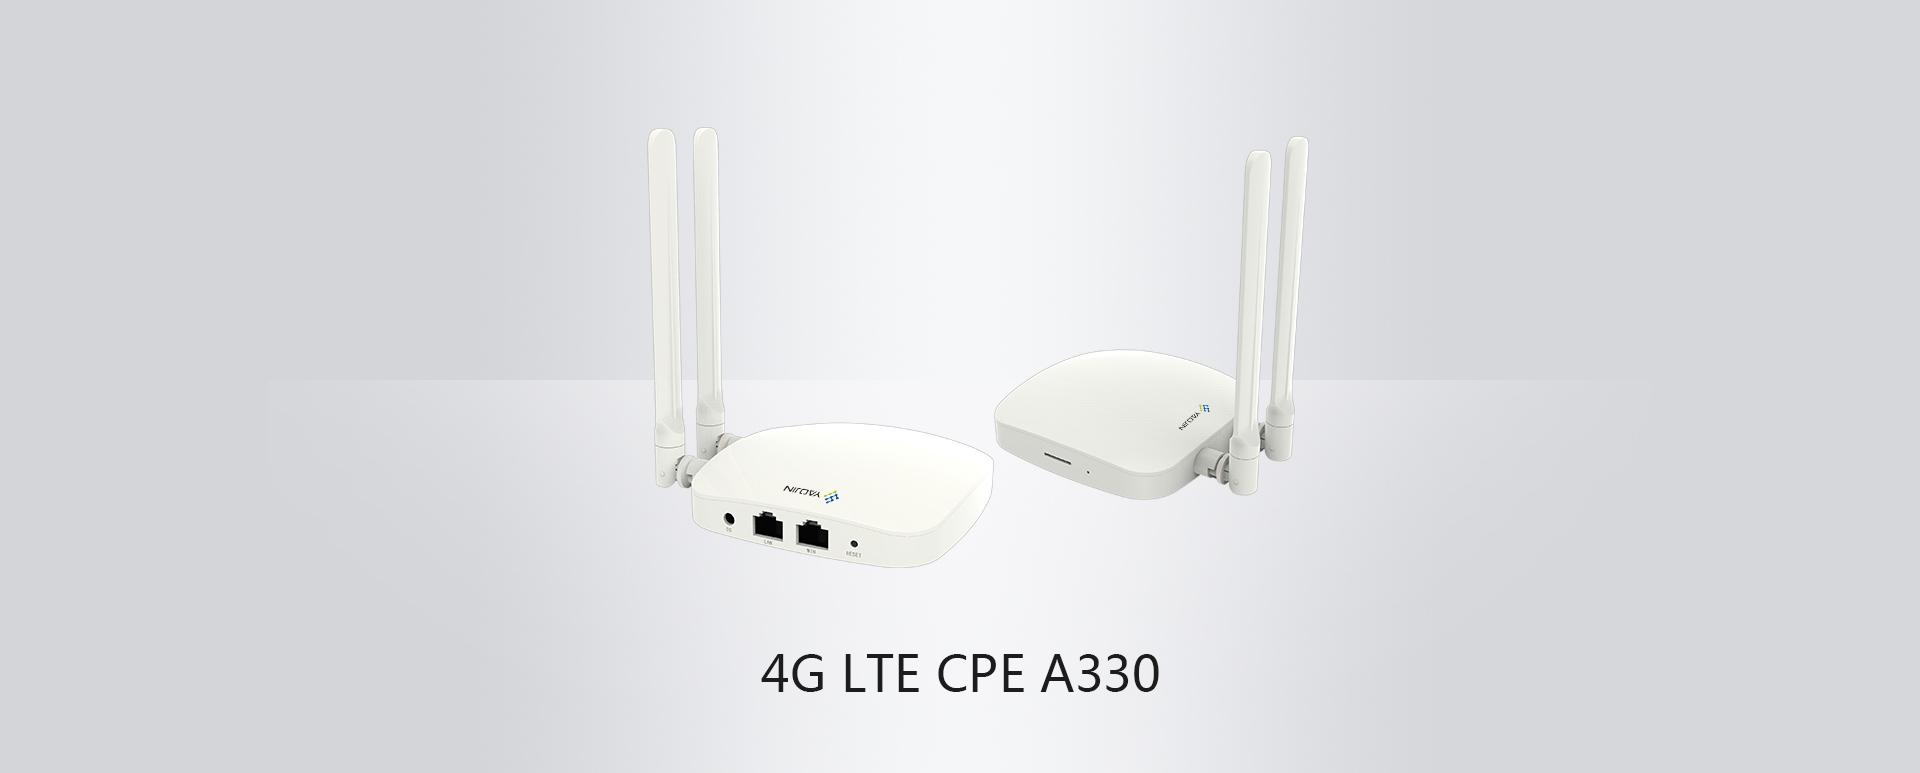 4G LTE CPE A330